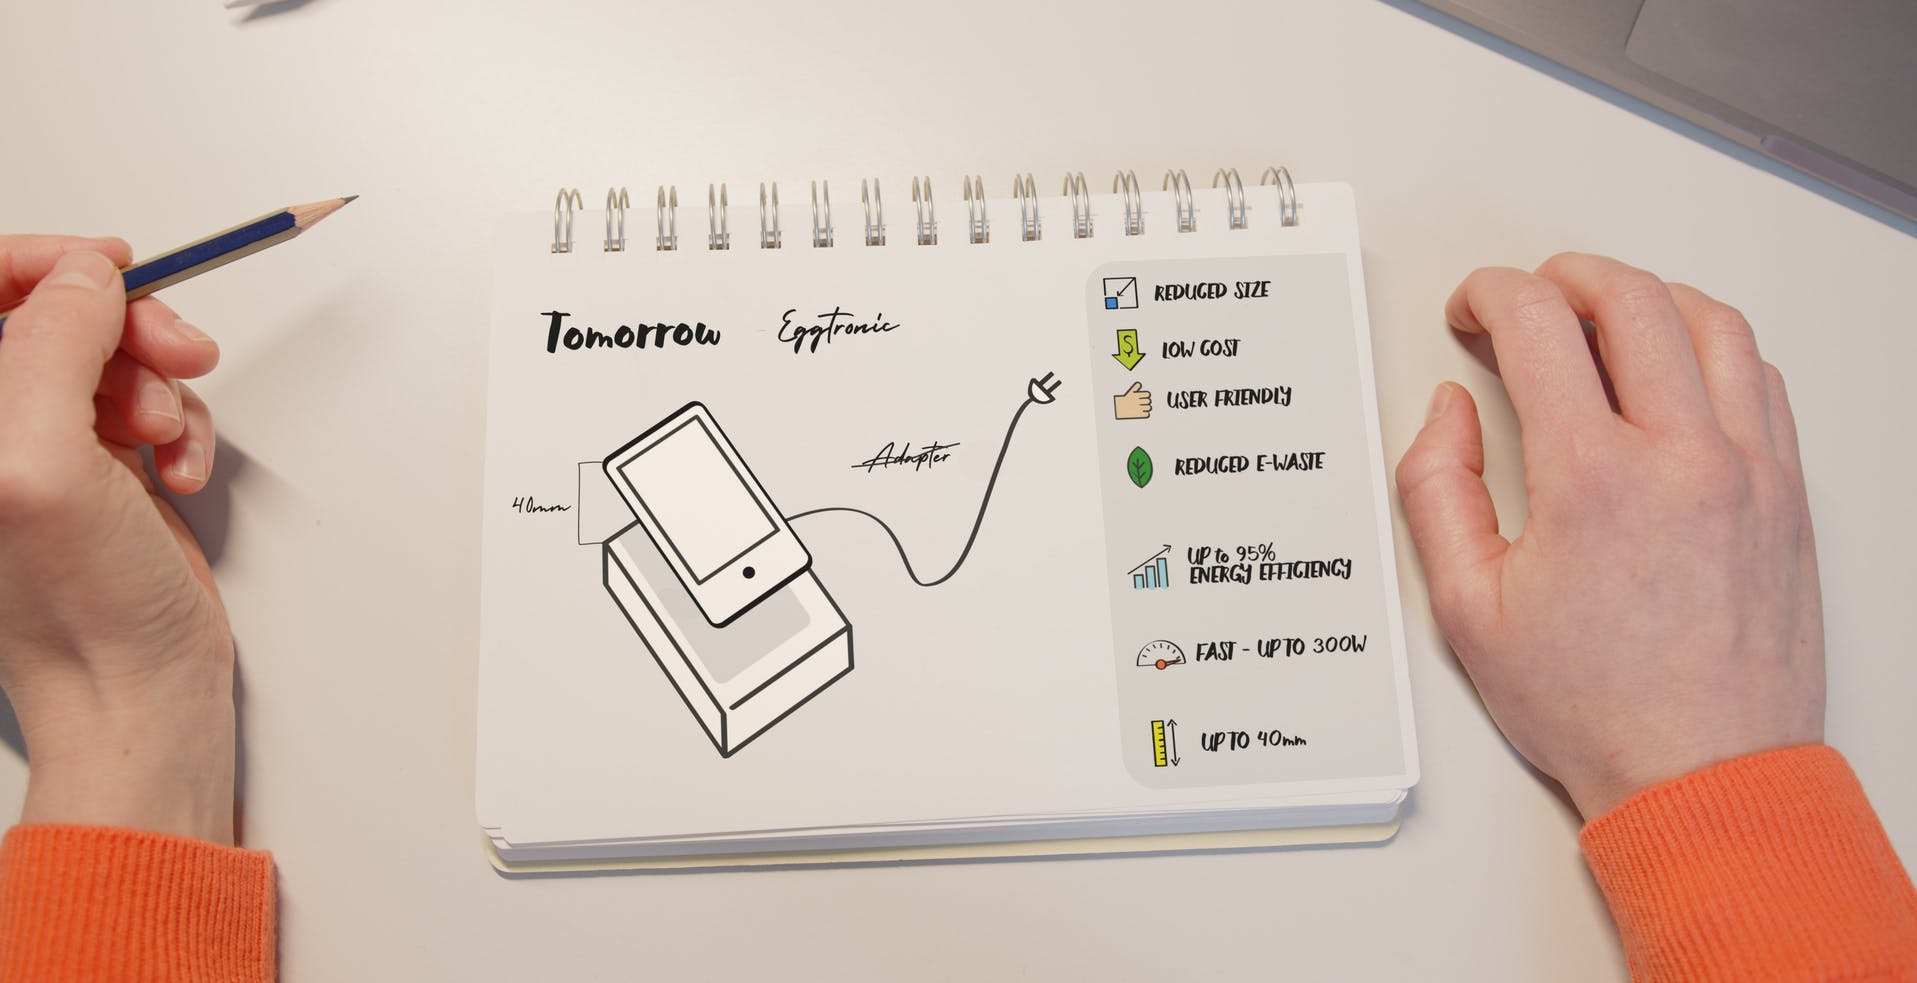 Eggtronic presenta la tecnologia di alimentazione E2WATT, ricarica wireless a 300 Watt e a 40 mm di distanza